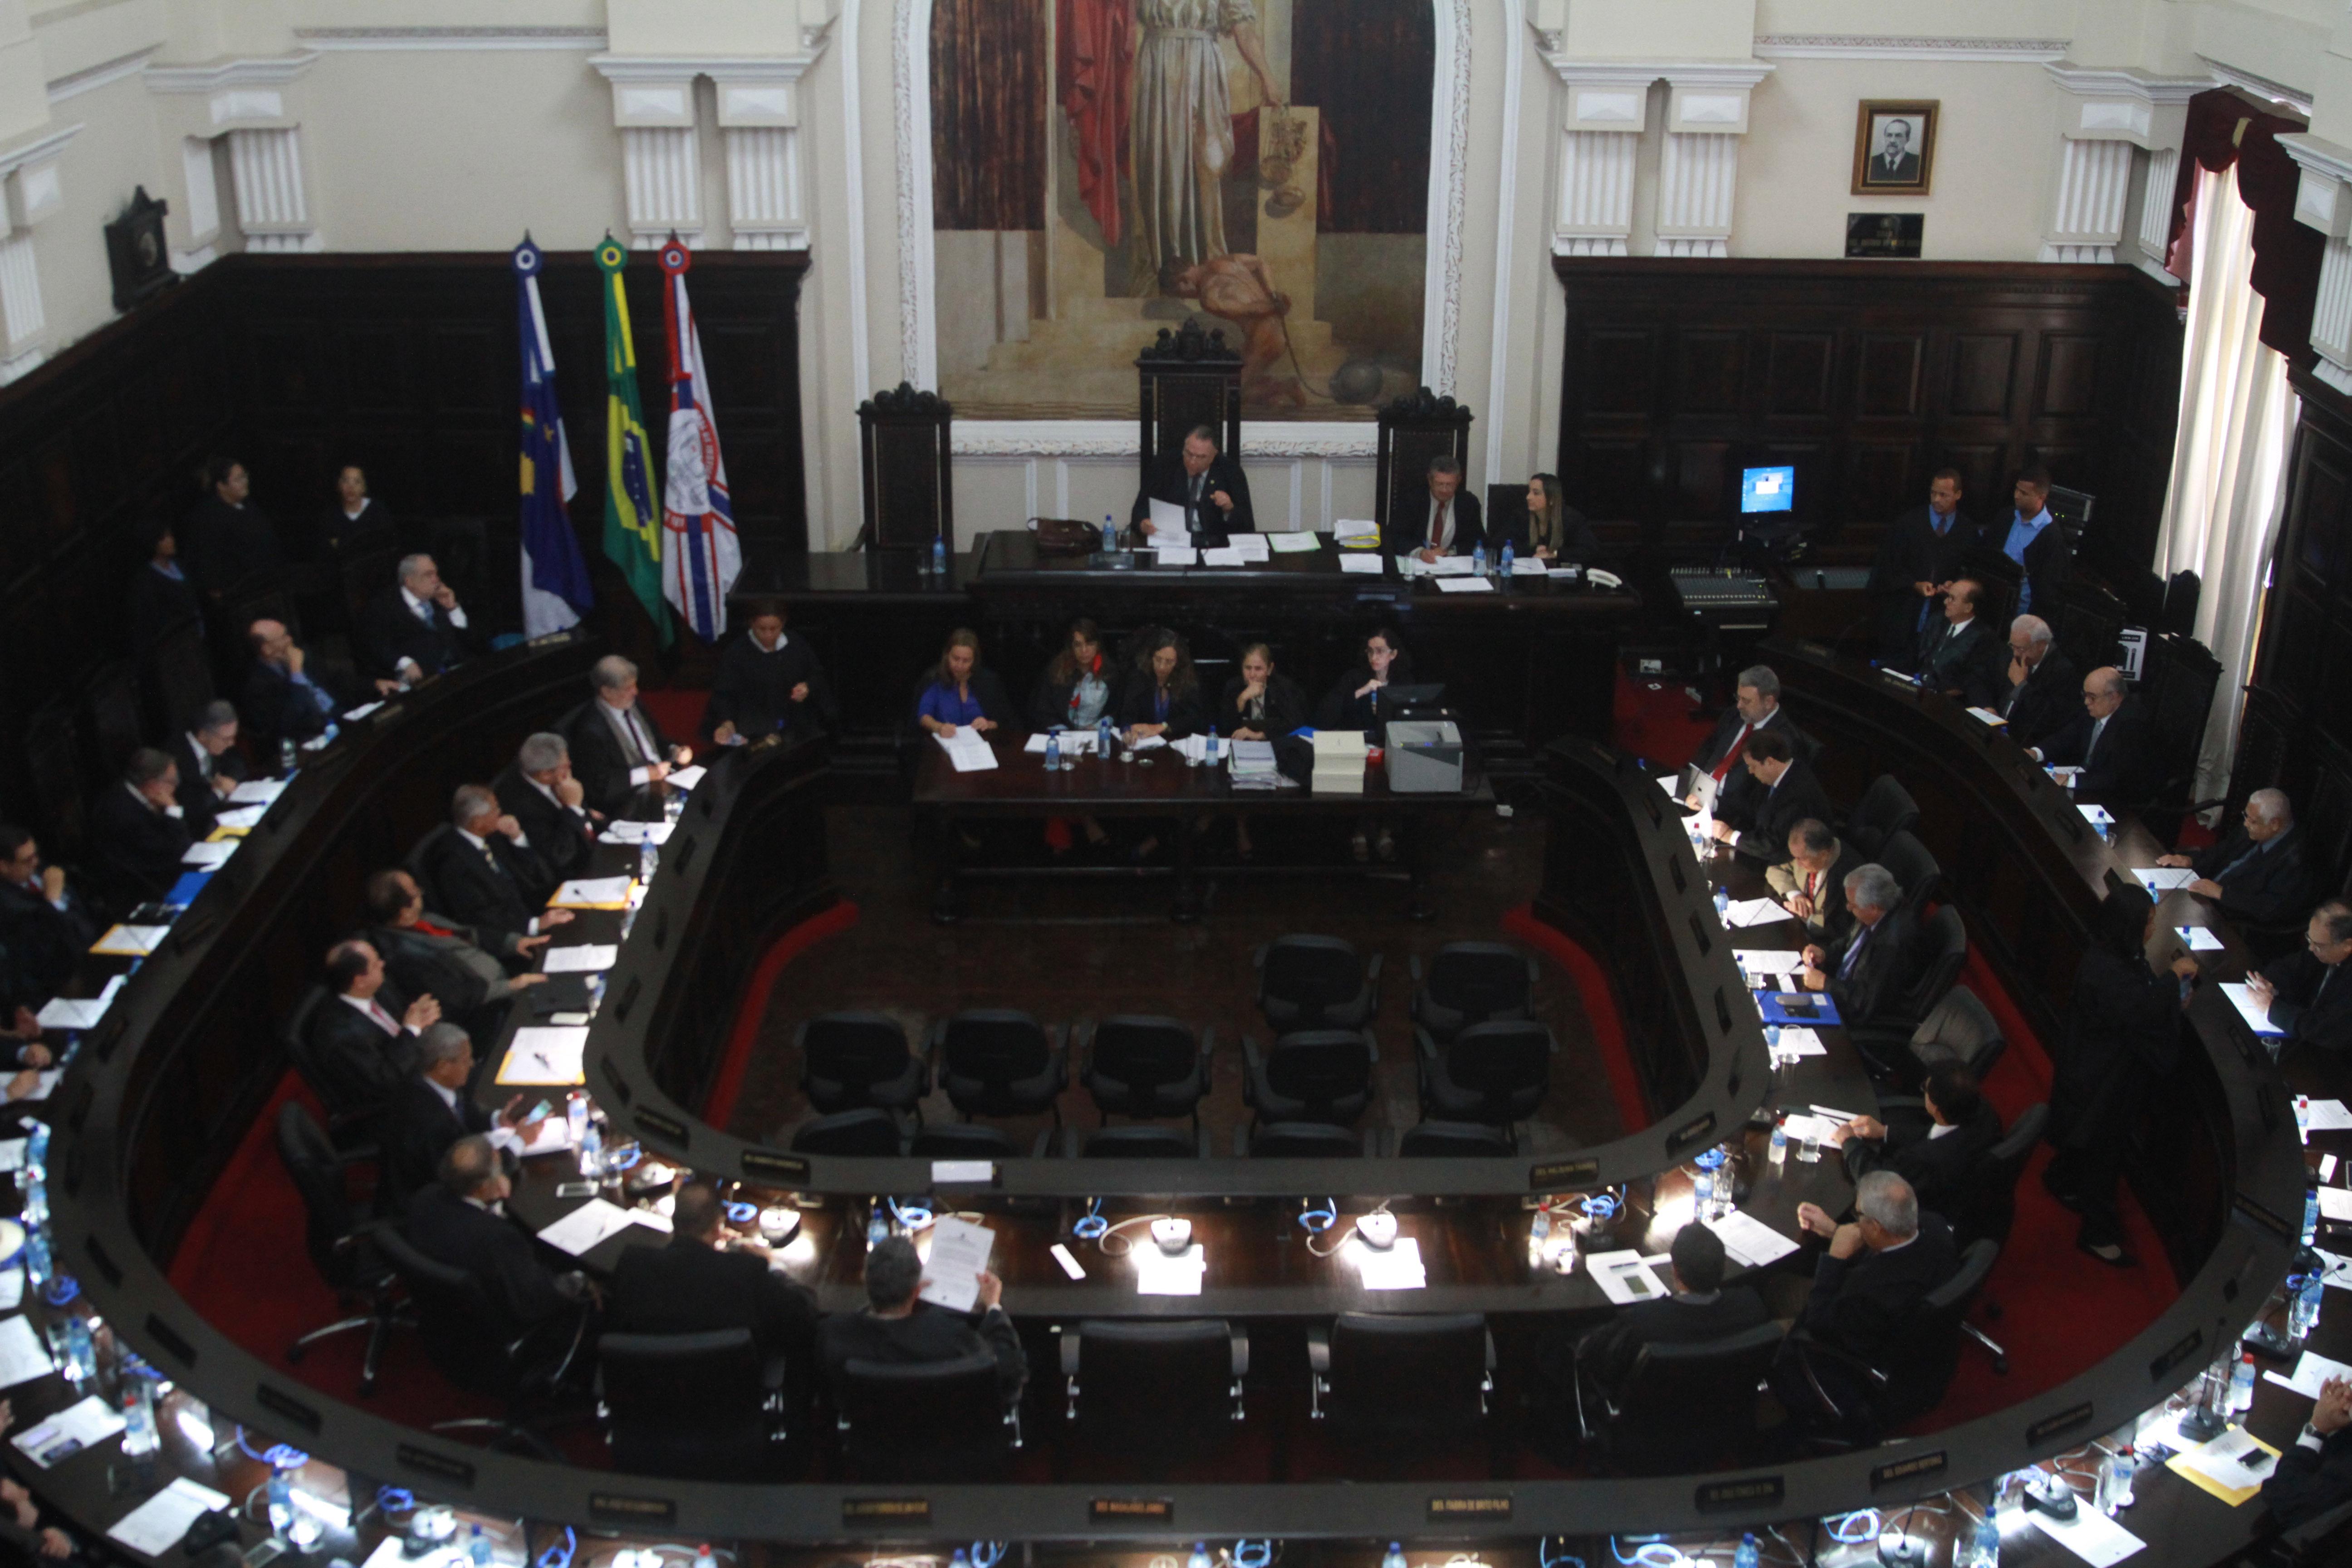 Tribunal de Justica de Pernambuco - Crédito: Julio Jacobina/DP